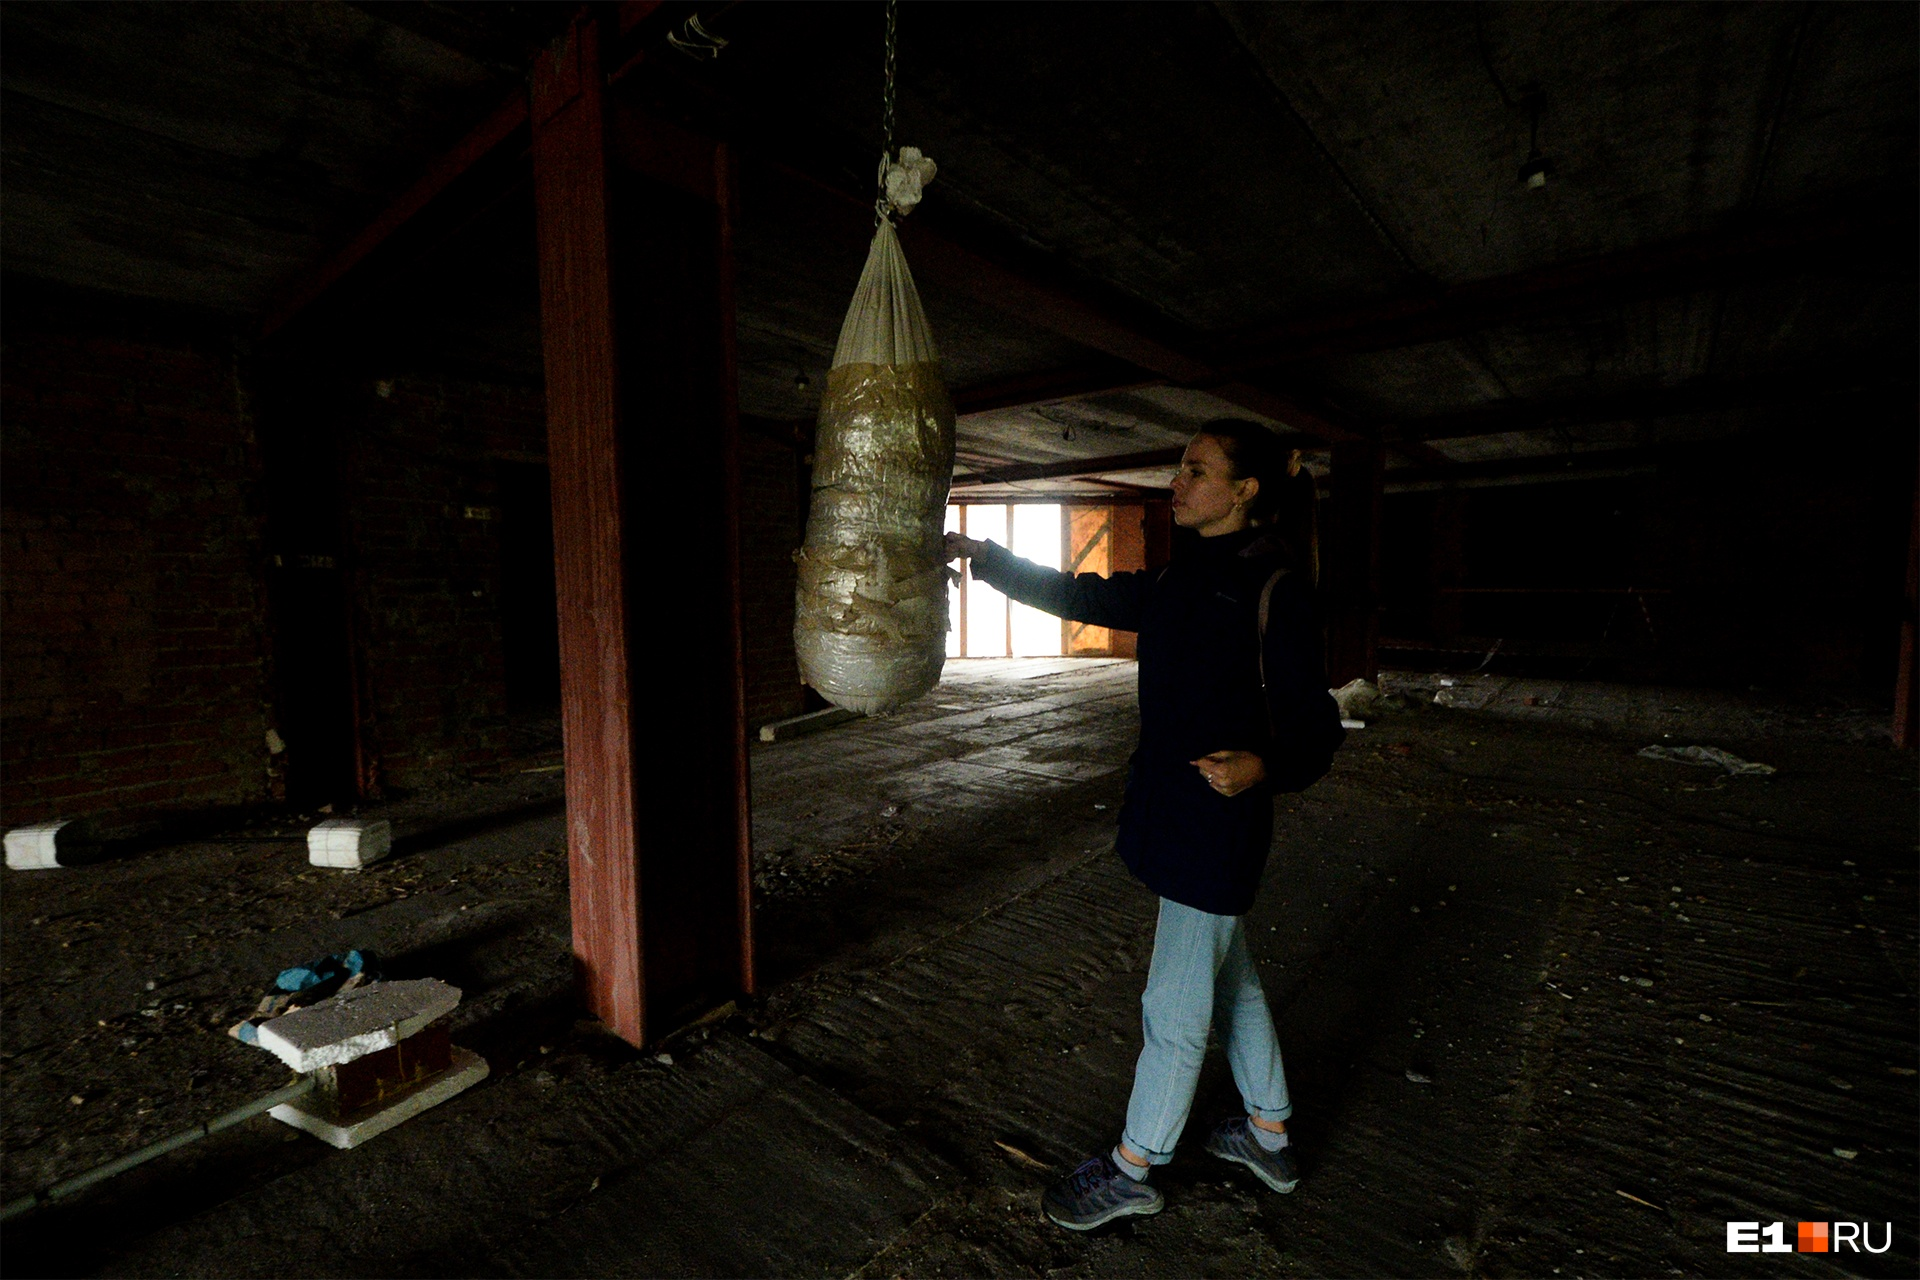 Кто-то повесил на первом этаже самодельную боксерскую грушу. Наверное, охранники. И мы радуемся, что не встретили их